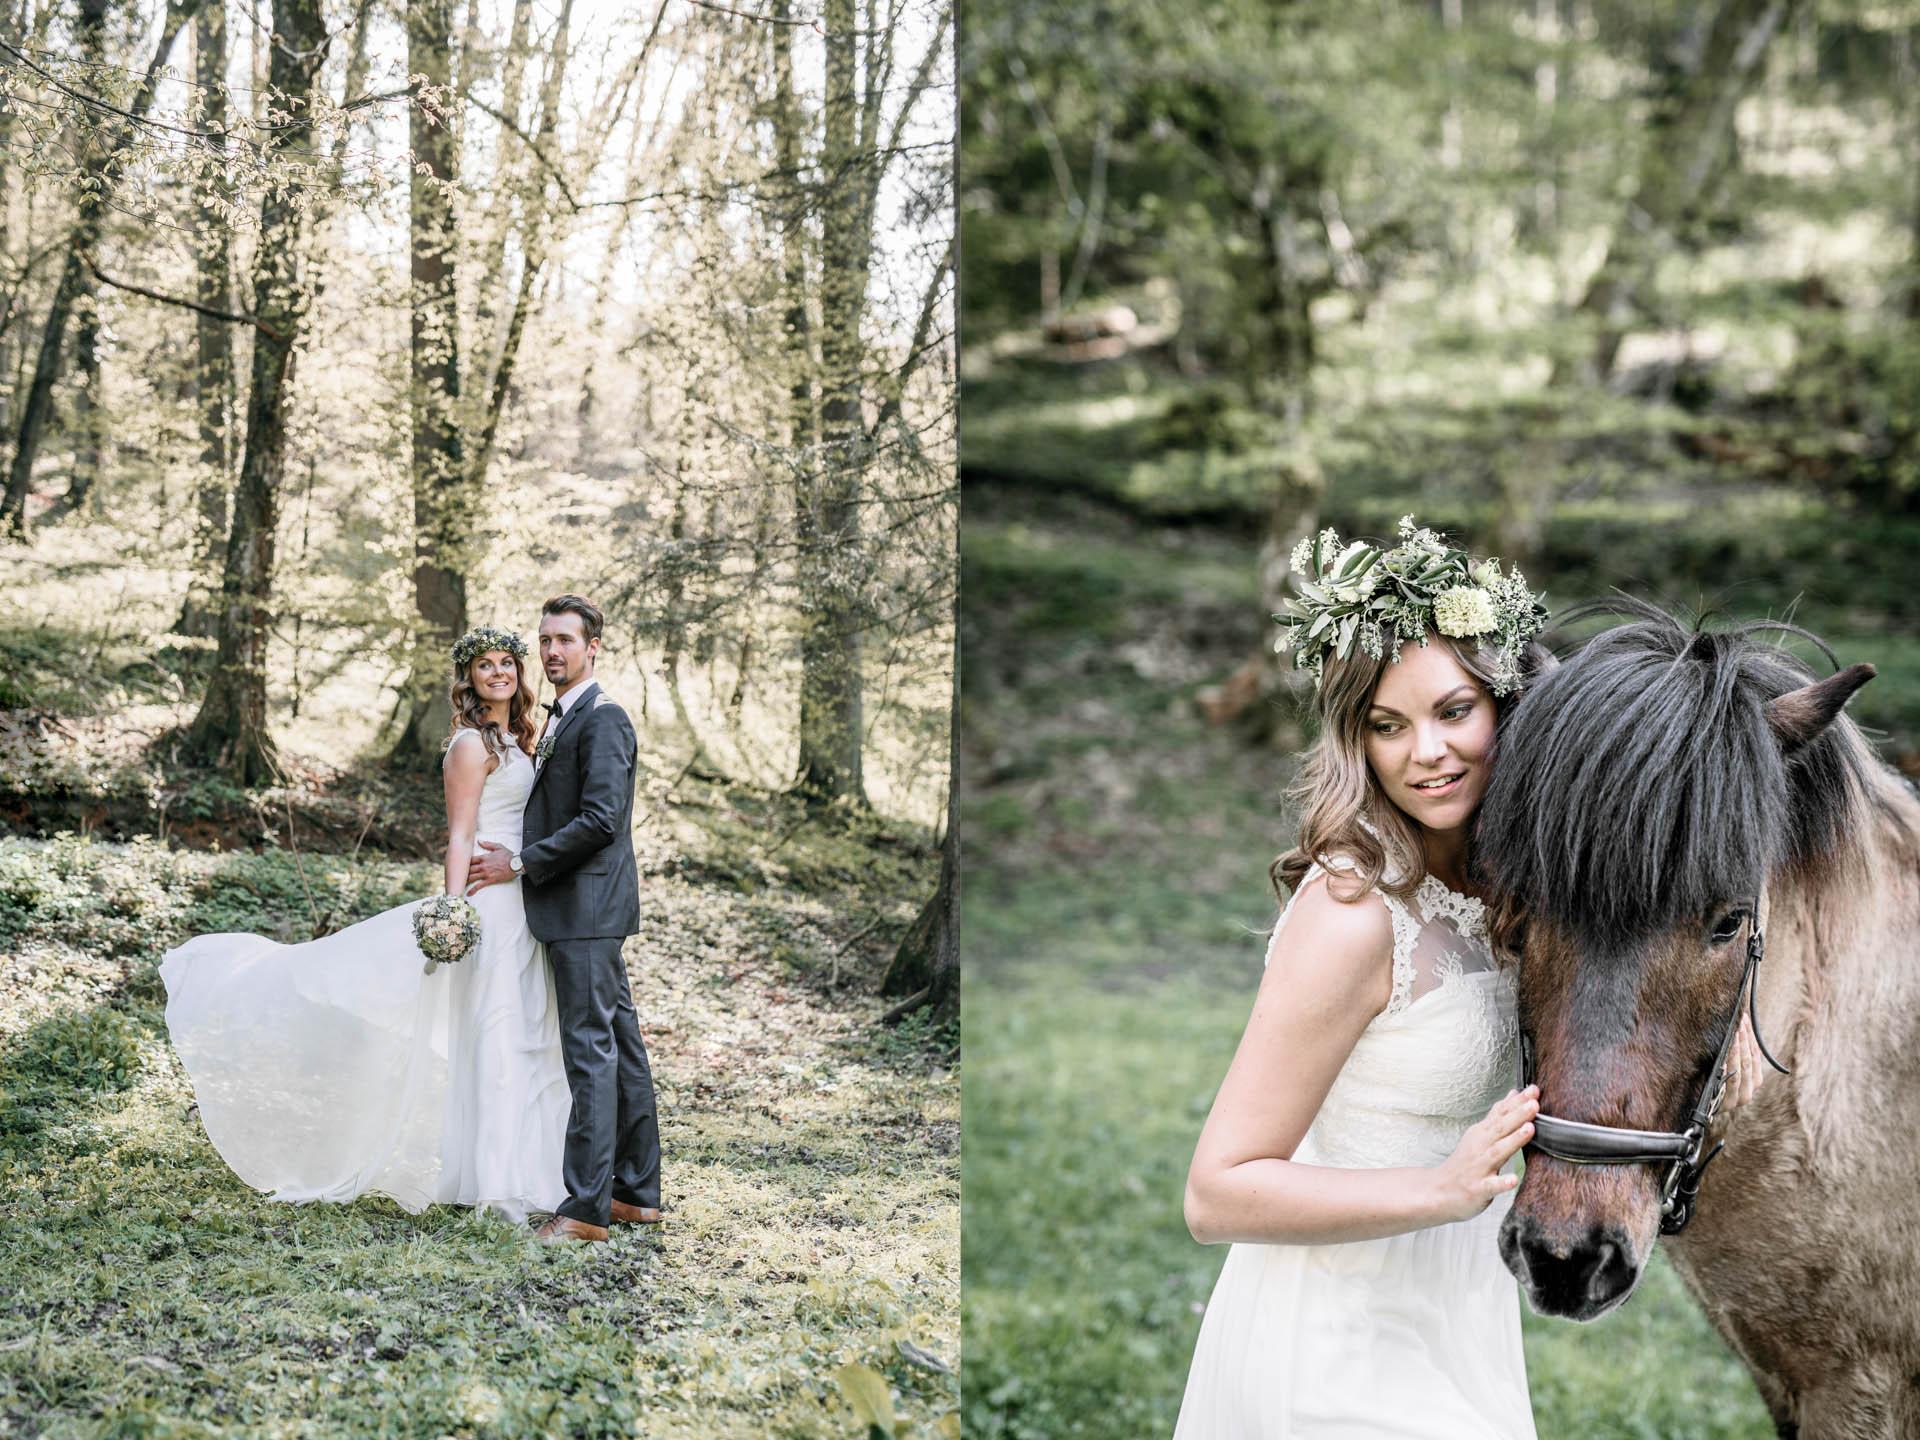 Brautpaar im Wald und Braut mit Pferd rechts